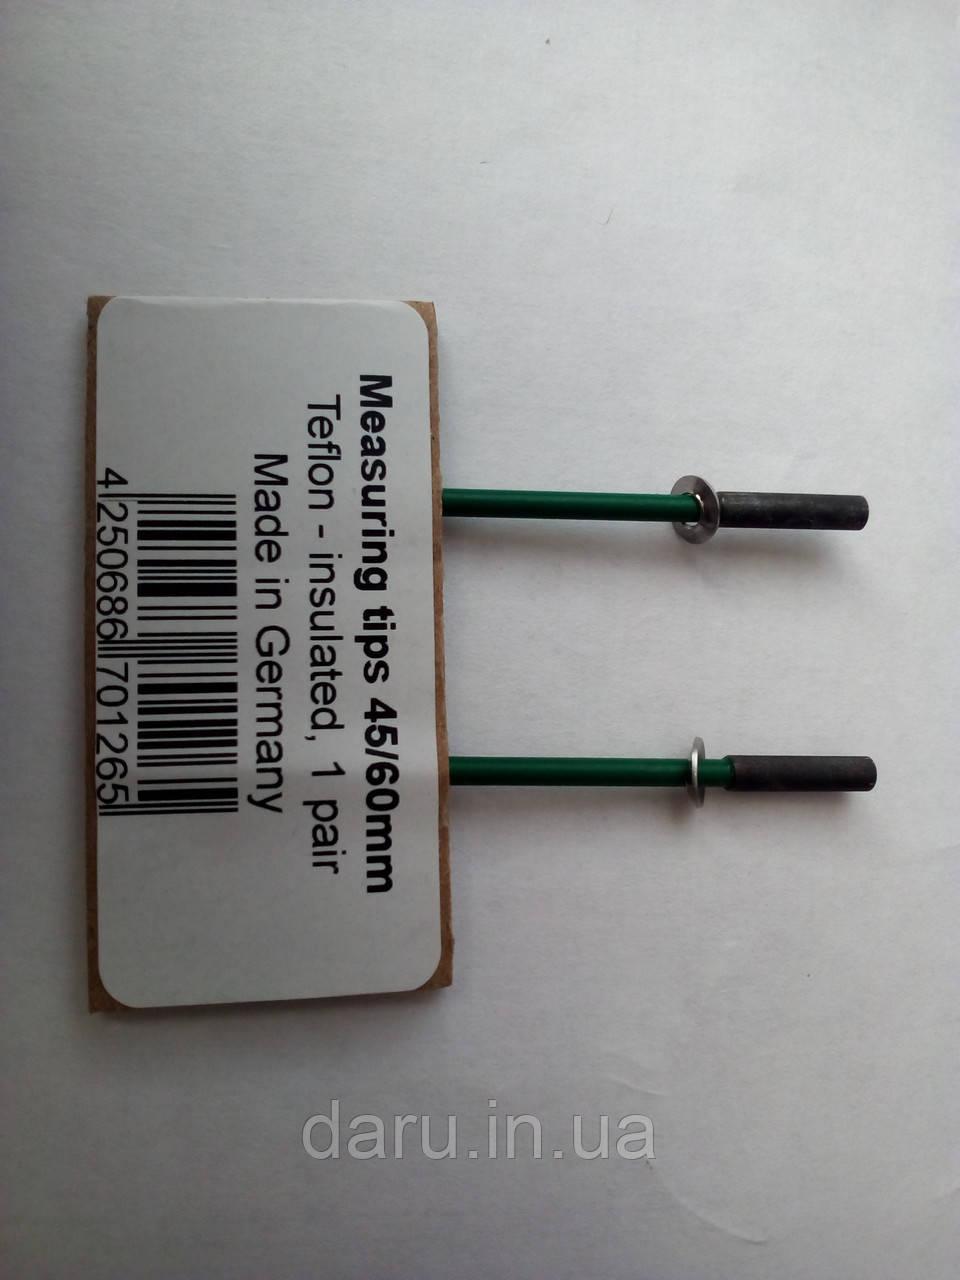 Иглы для влагомера Exotek MC-460 для зондов S-10 и S-30 - 45/60 мм (Пара) с тефлоновой изоляцией